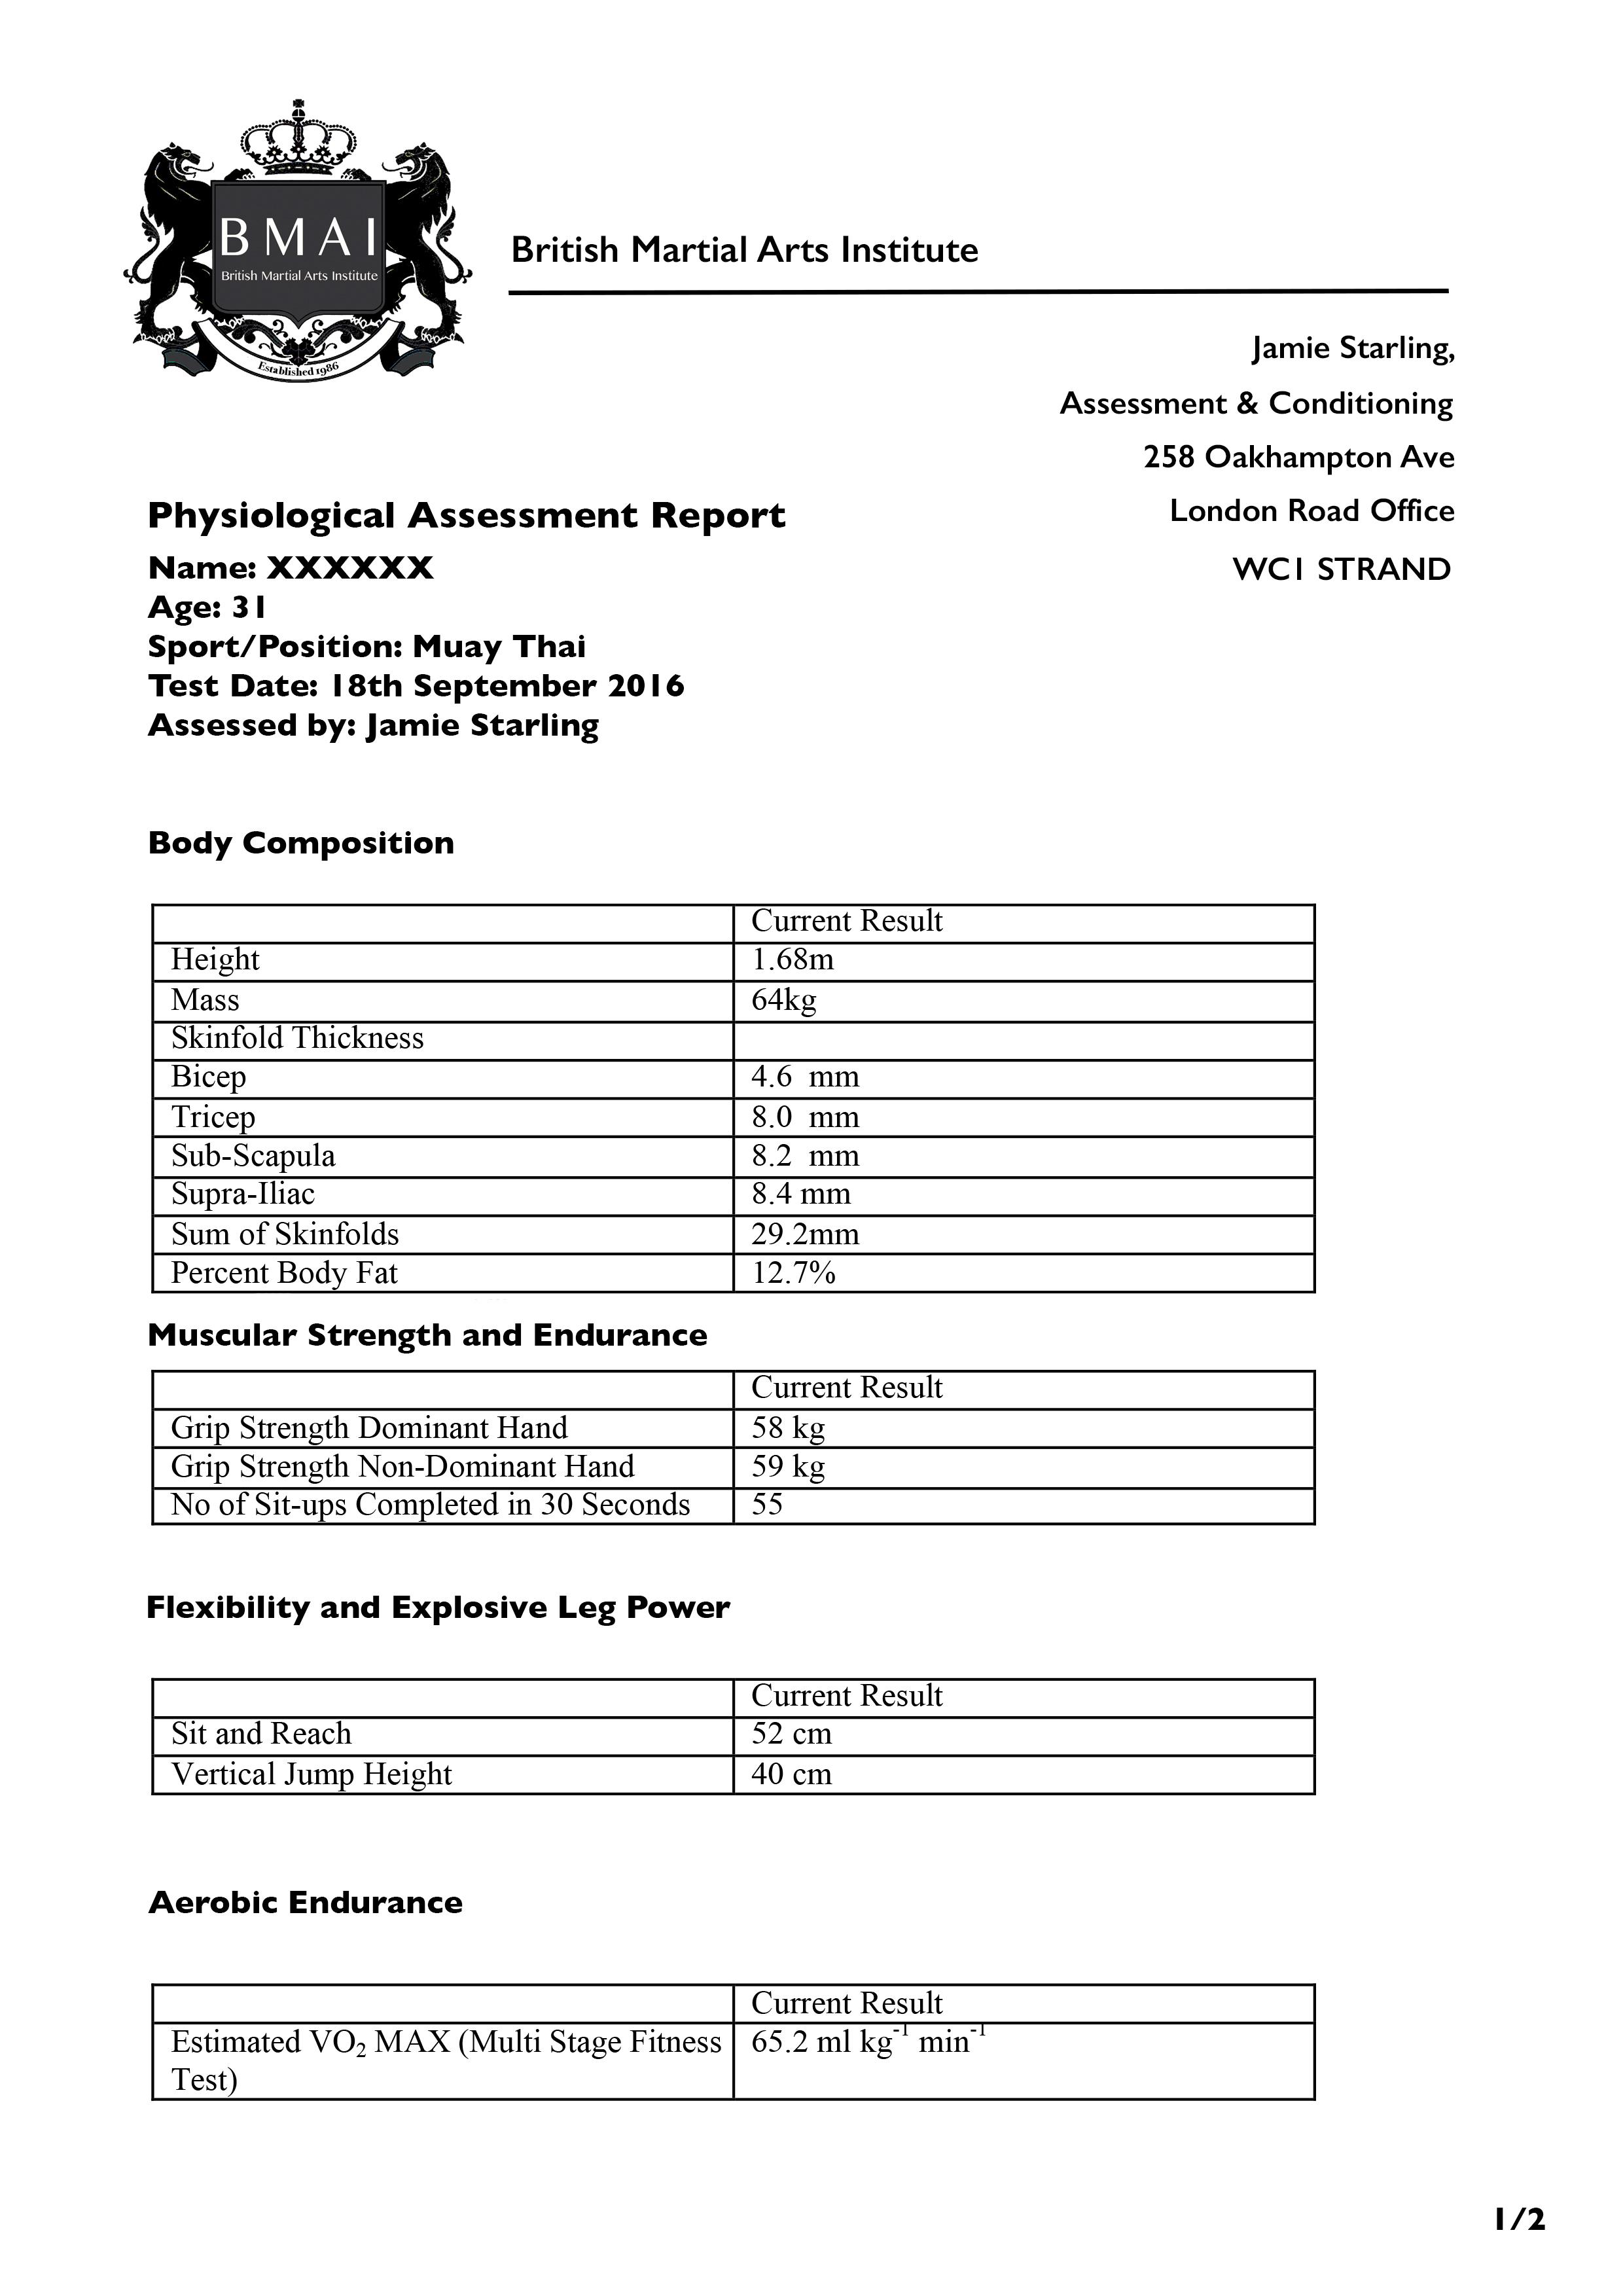 bmai-report-p1